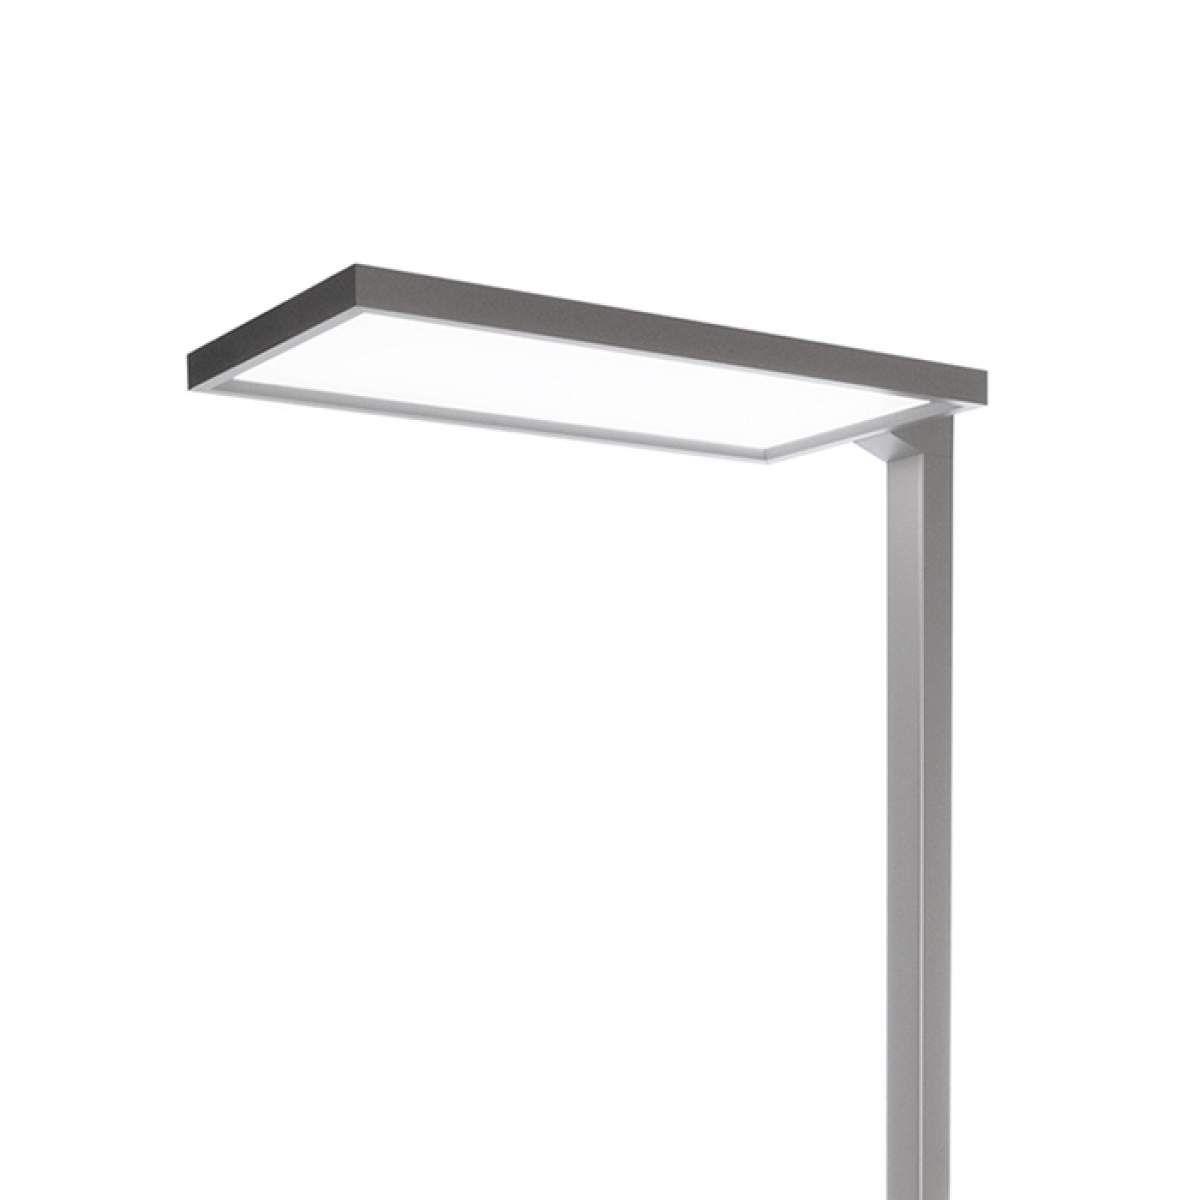 Moderne Tischleuchten Fur Den Arbeitsplatz Tischleuchten Modern Schreibtischlampe Led Haus Deko